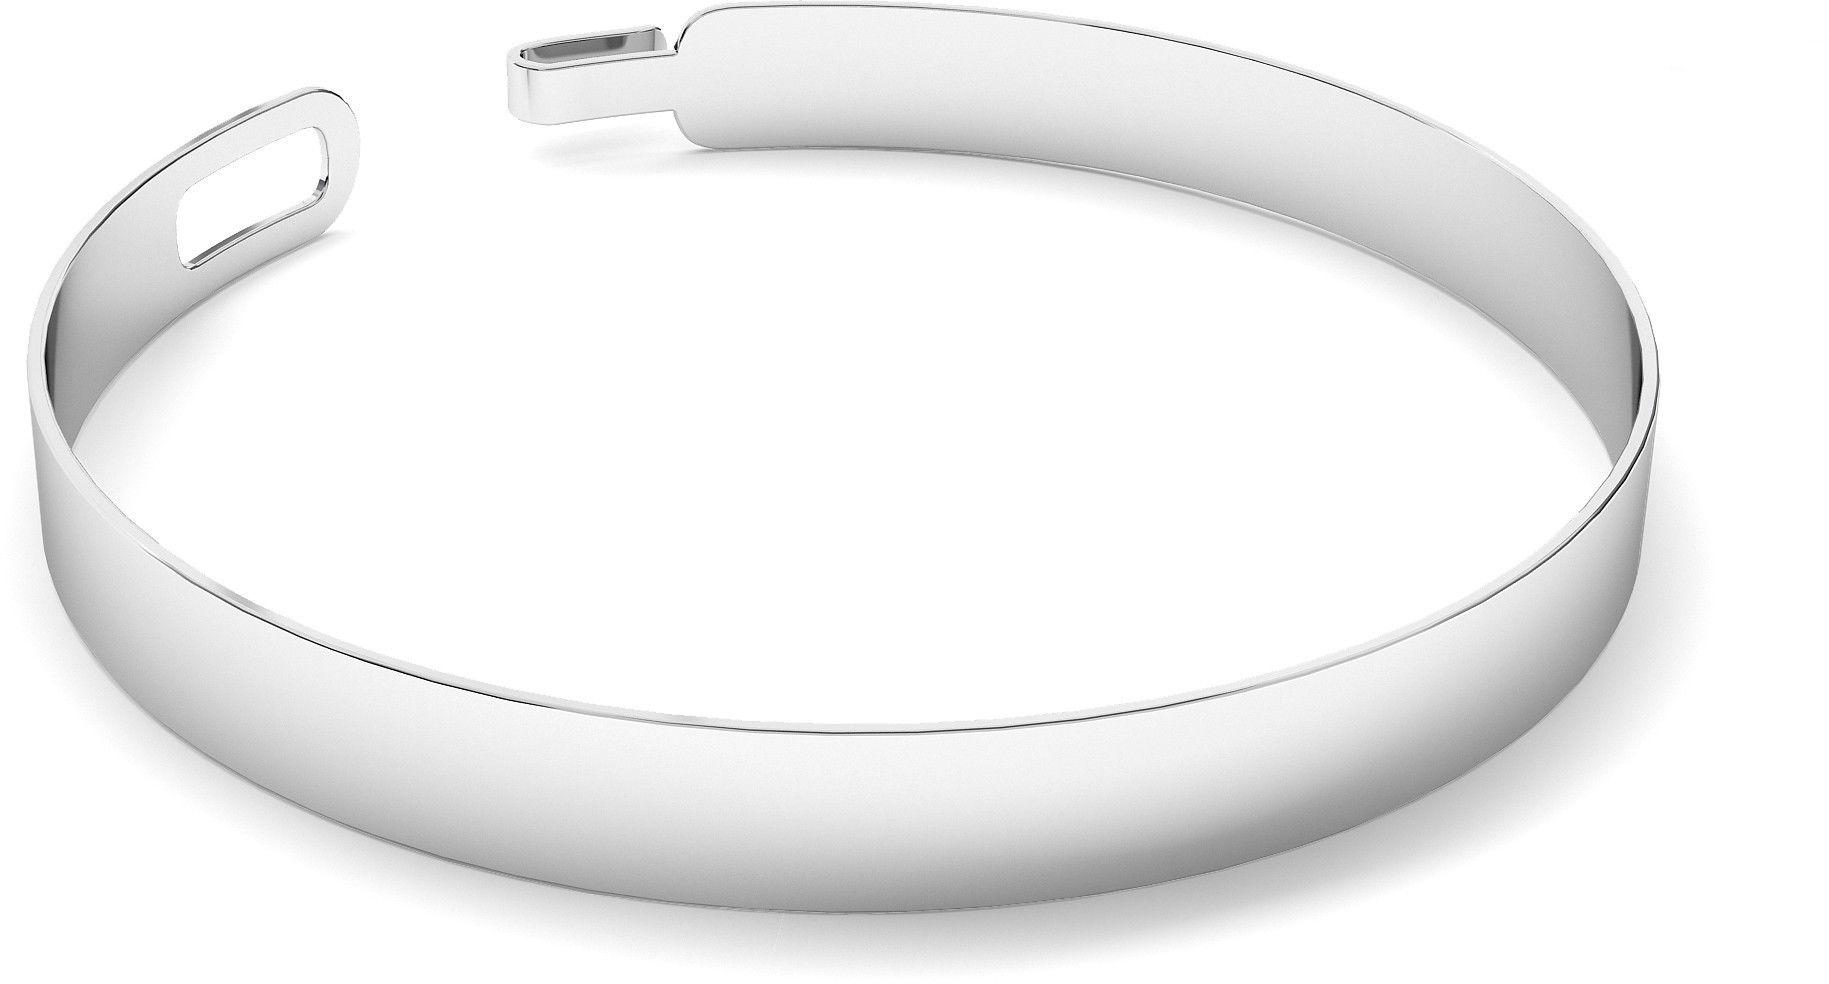 Męska szeroka polerowana sztywna bransoletka, srebro 925 : Kolor pokrycia srebra - Pokrycie platyną, Sztywne bransoletki - męski rozmiar - M/L - 20 CM